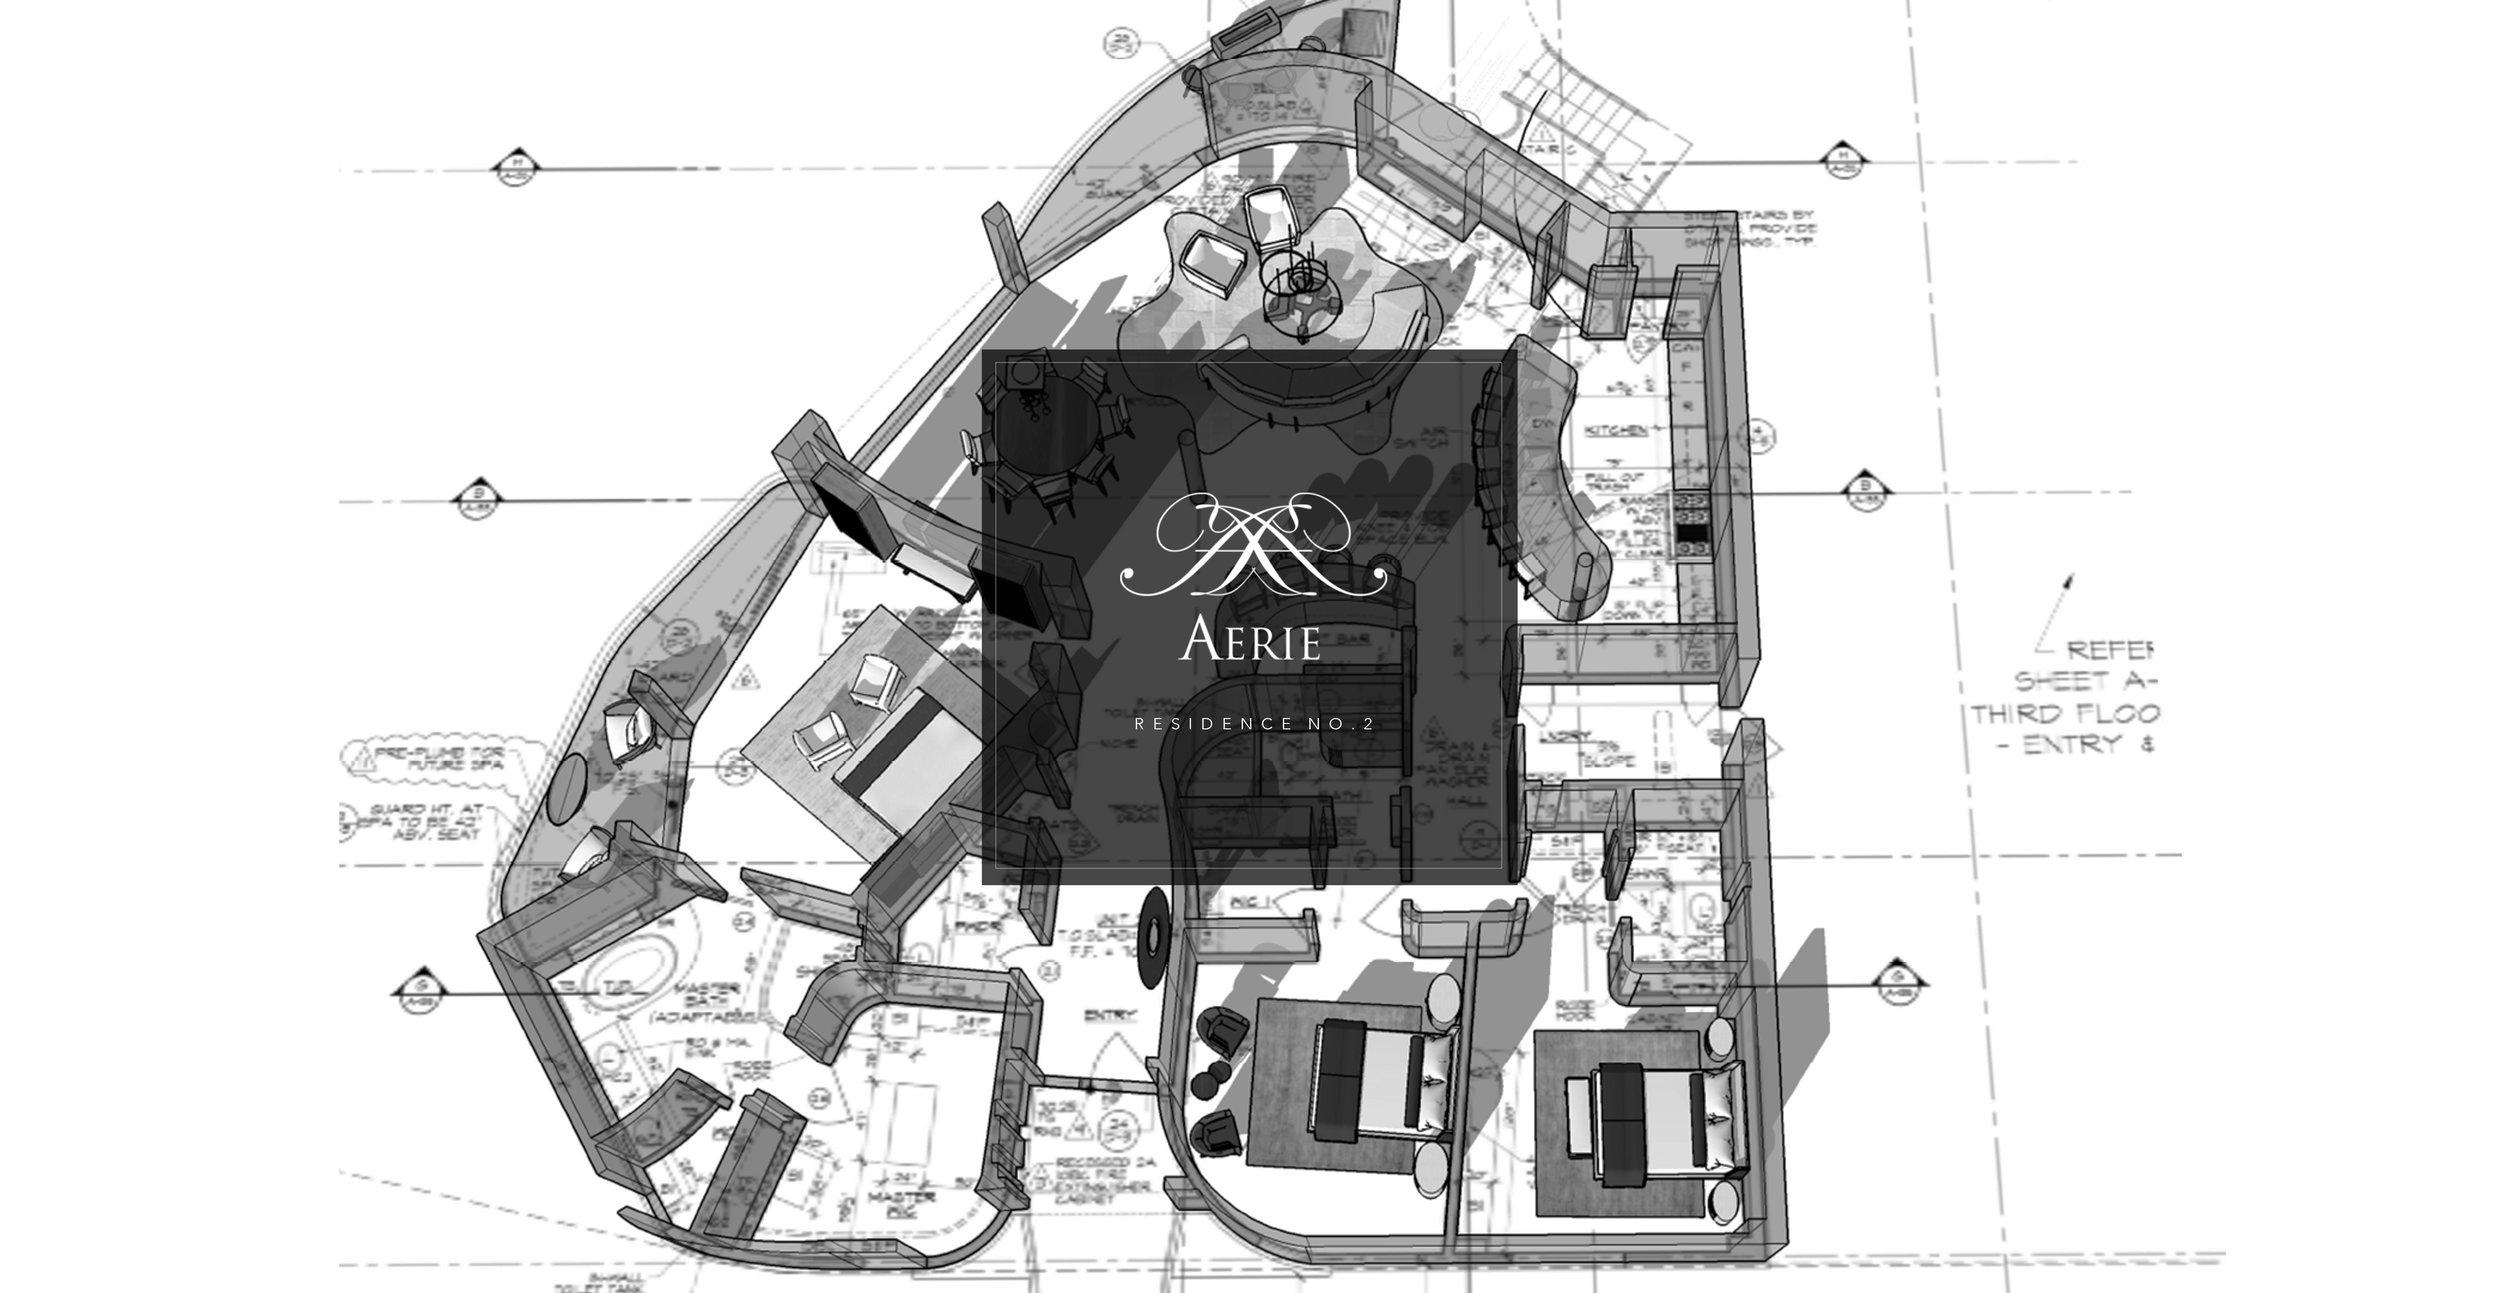 AERIE RESIDENCE 2